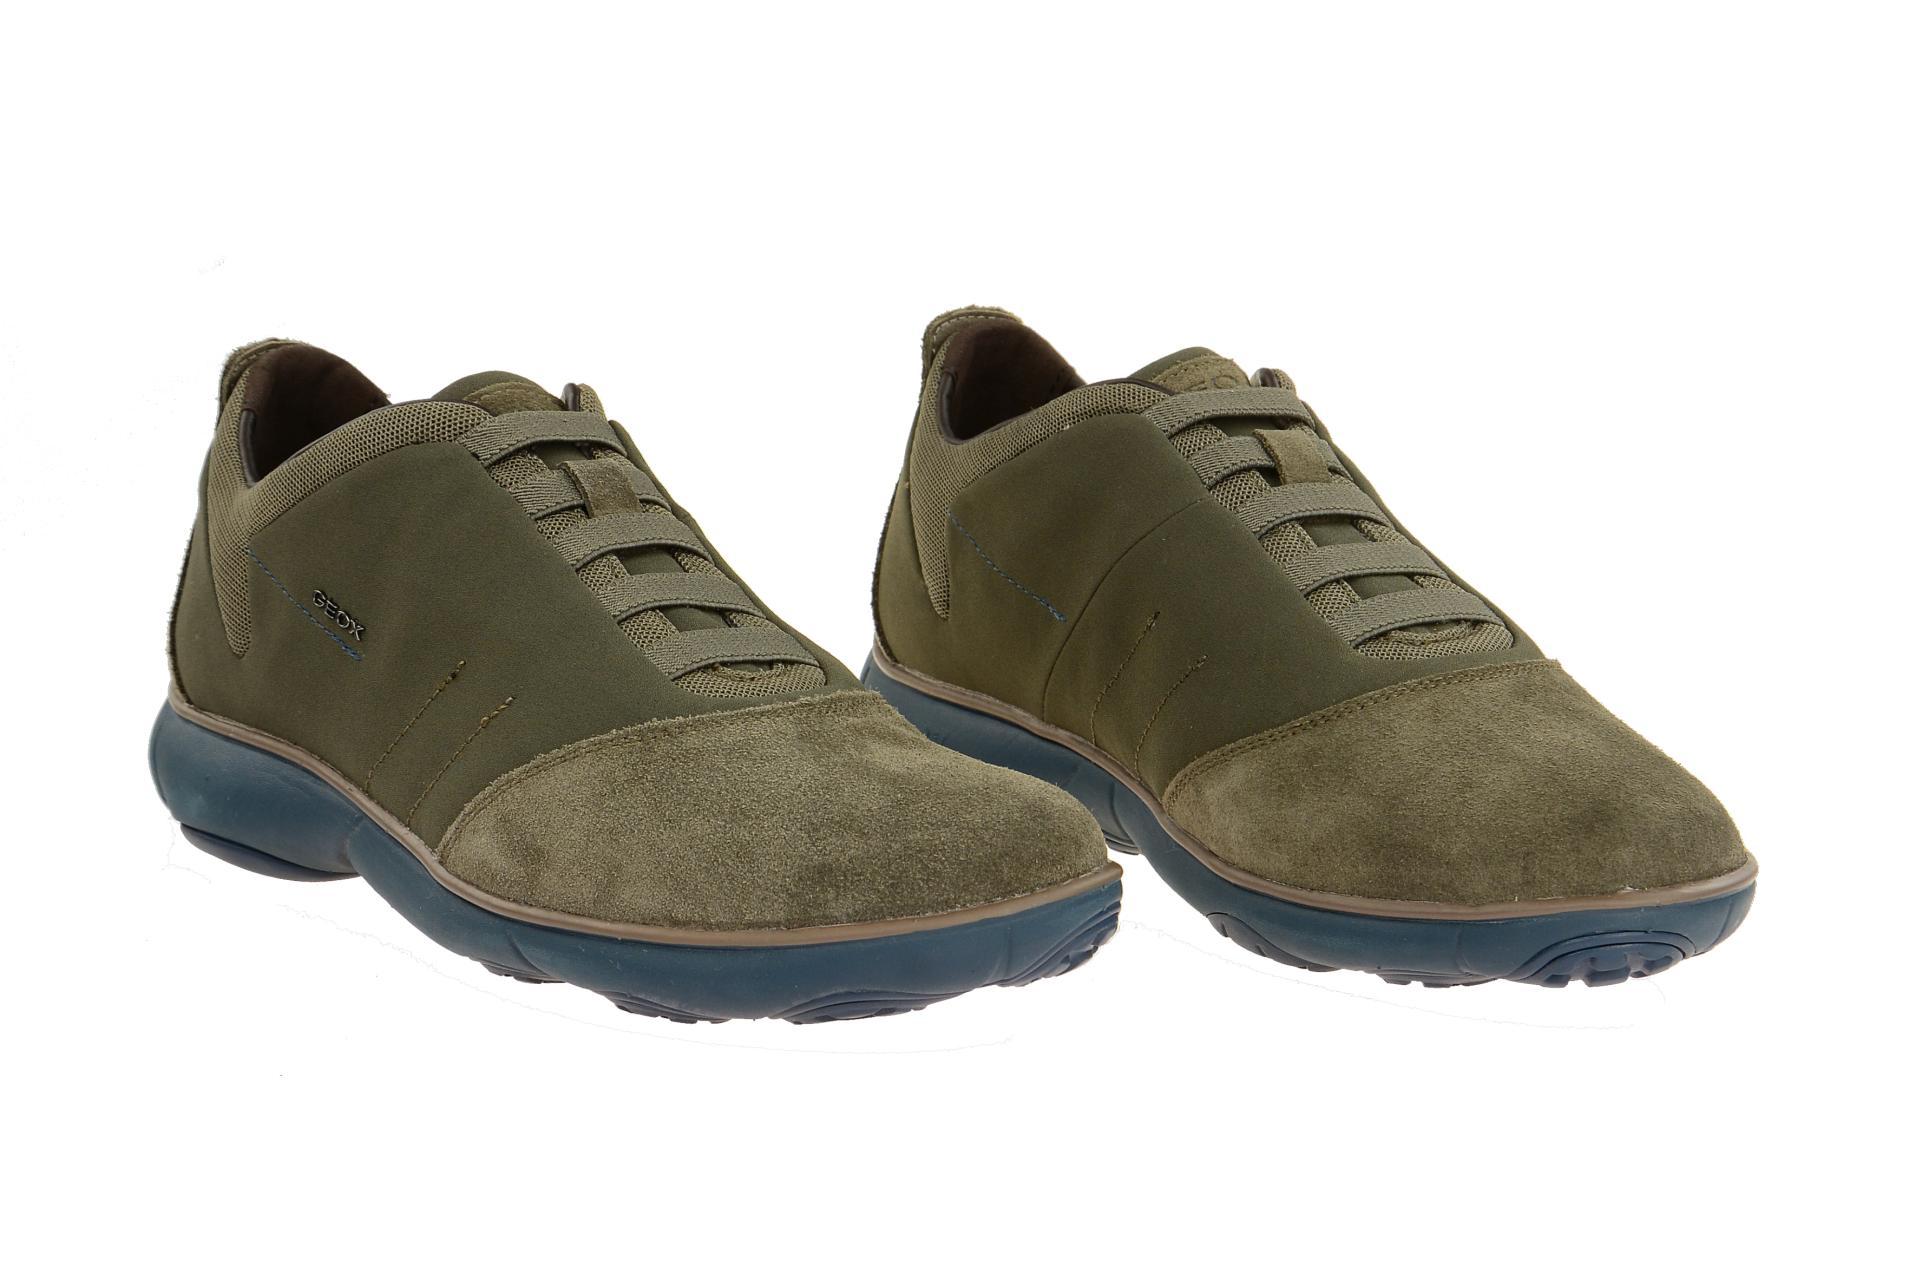 Geox Icona Sneaker braun grau Schnürer Schuhhaus Strauch Shop